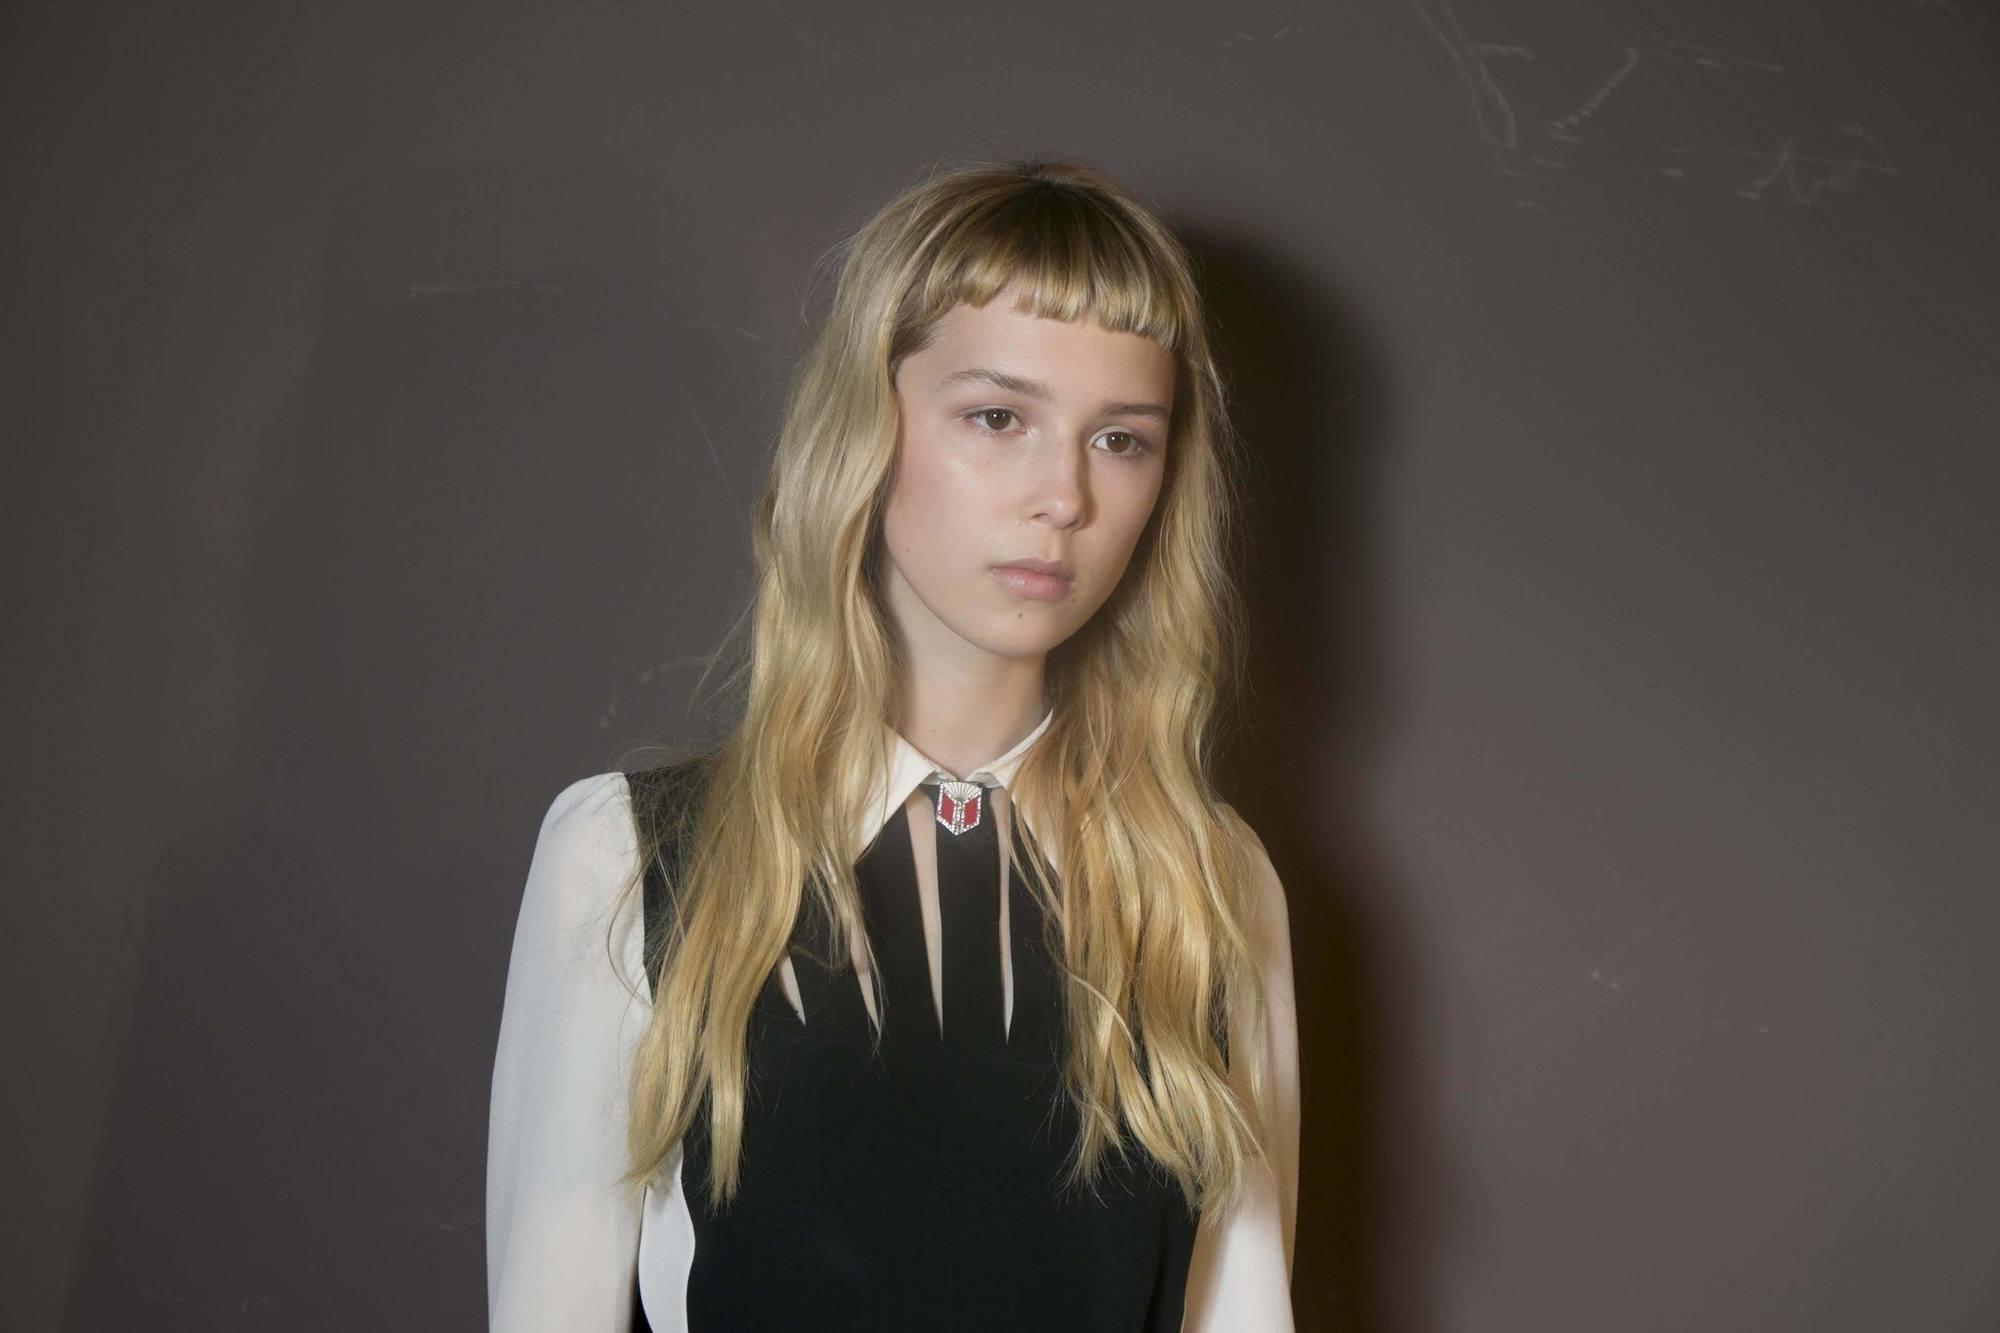 un modèle féminin aux longs cheveux blonds avec une frange